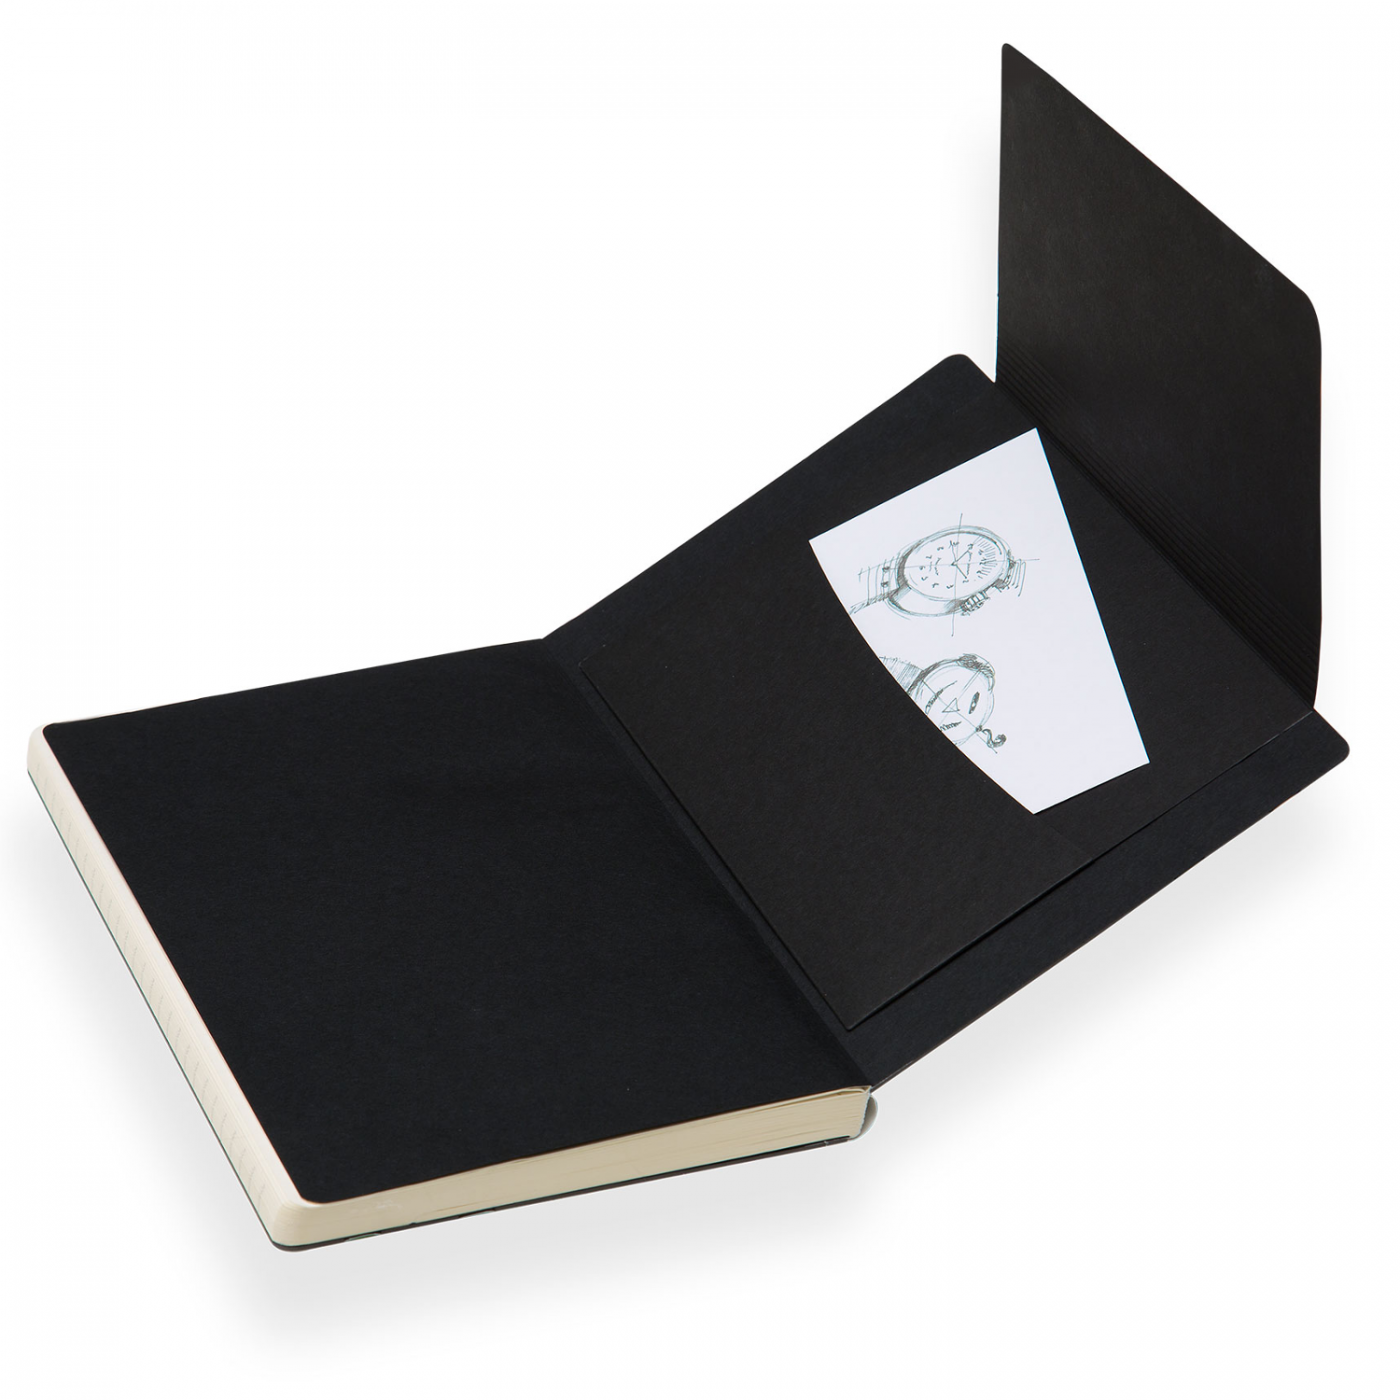 Stifflexible Taccuino righe copertina flessibile artigianale